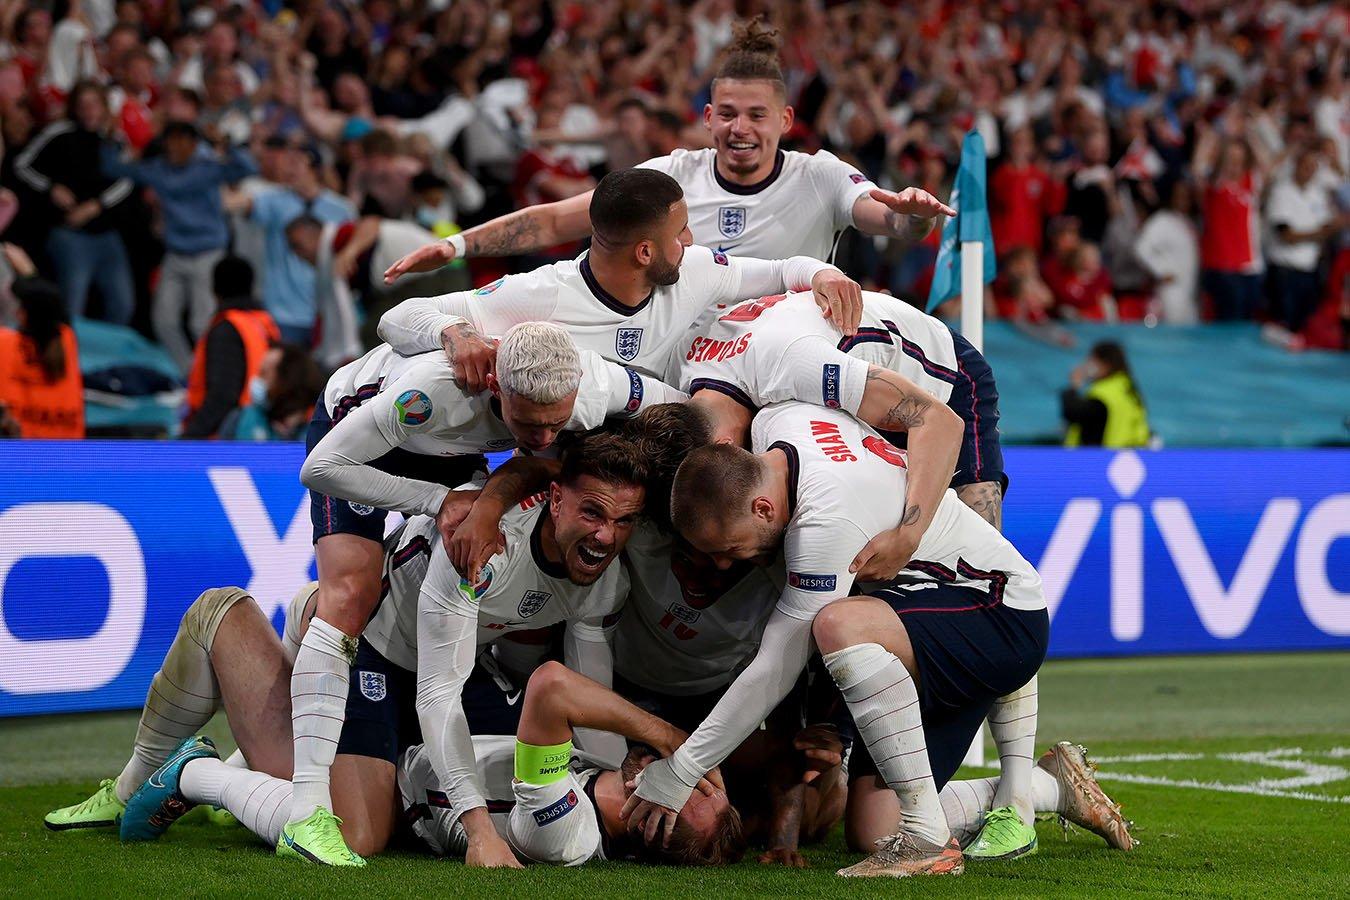 В финале Евро-2020 сыграют сборные Италии и Англии